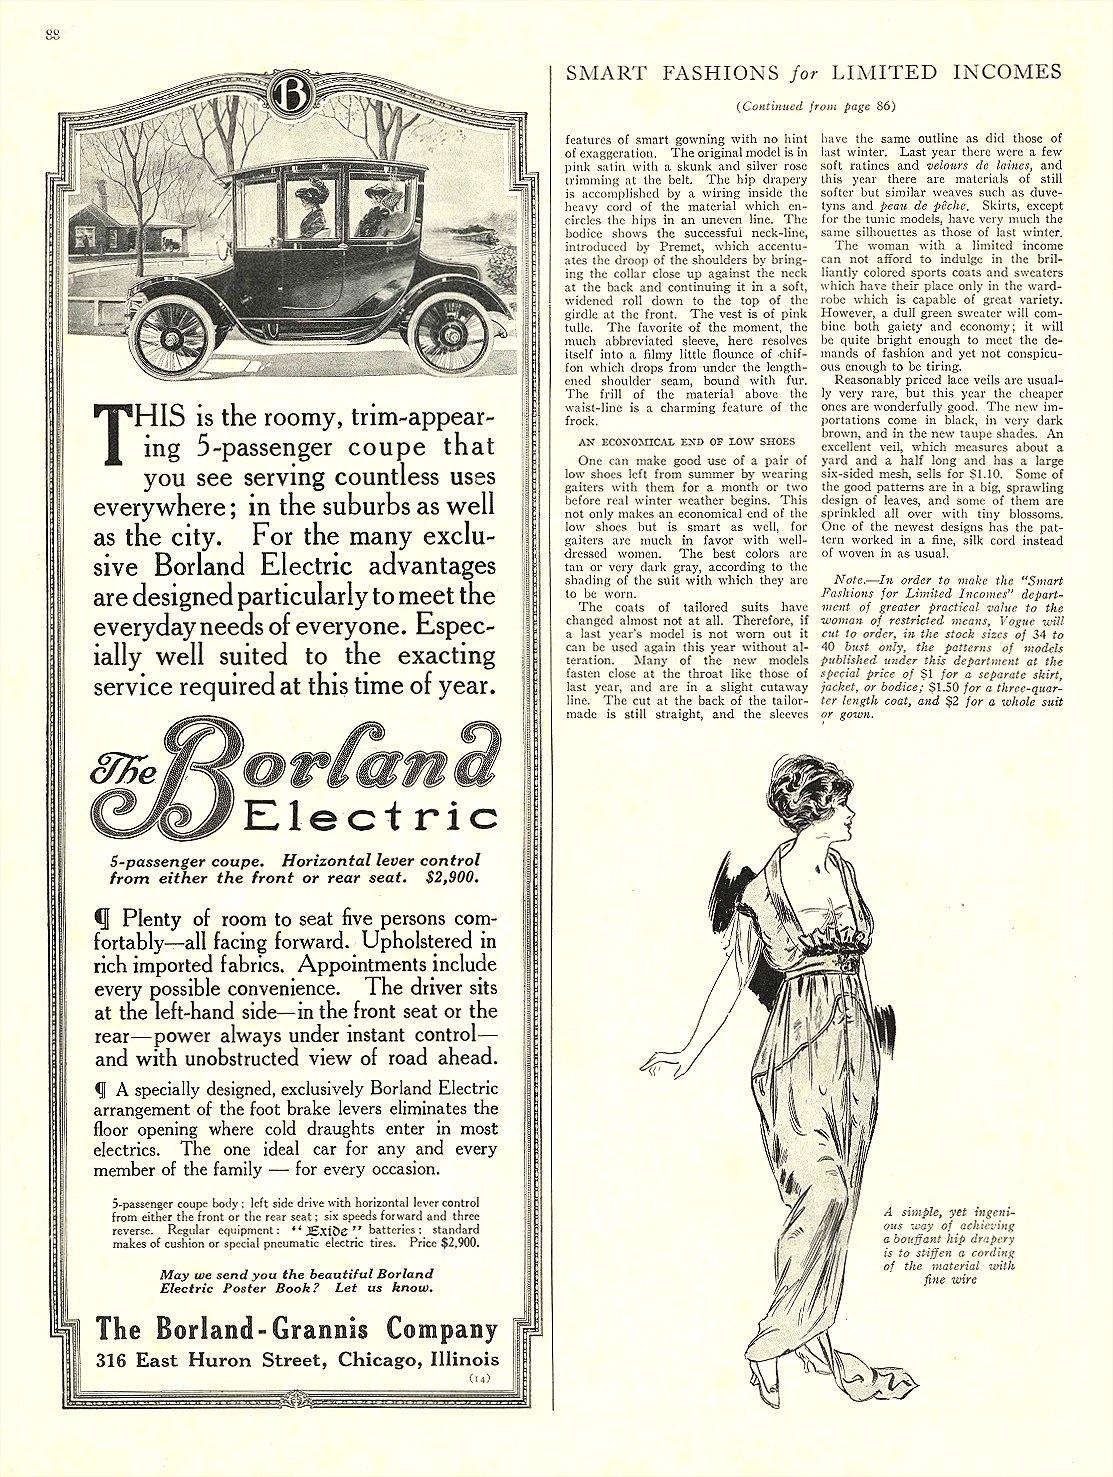 1913 ca. 11 BORLAND Electric The Borland Electric The Borland-Grannis Company Chicago, ILL ca. November 1913 page 88